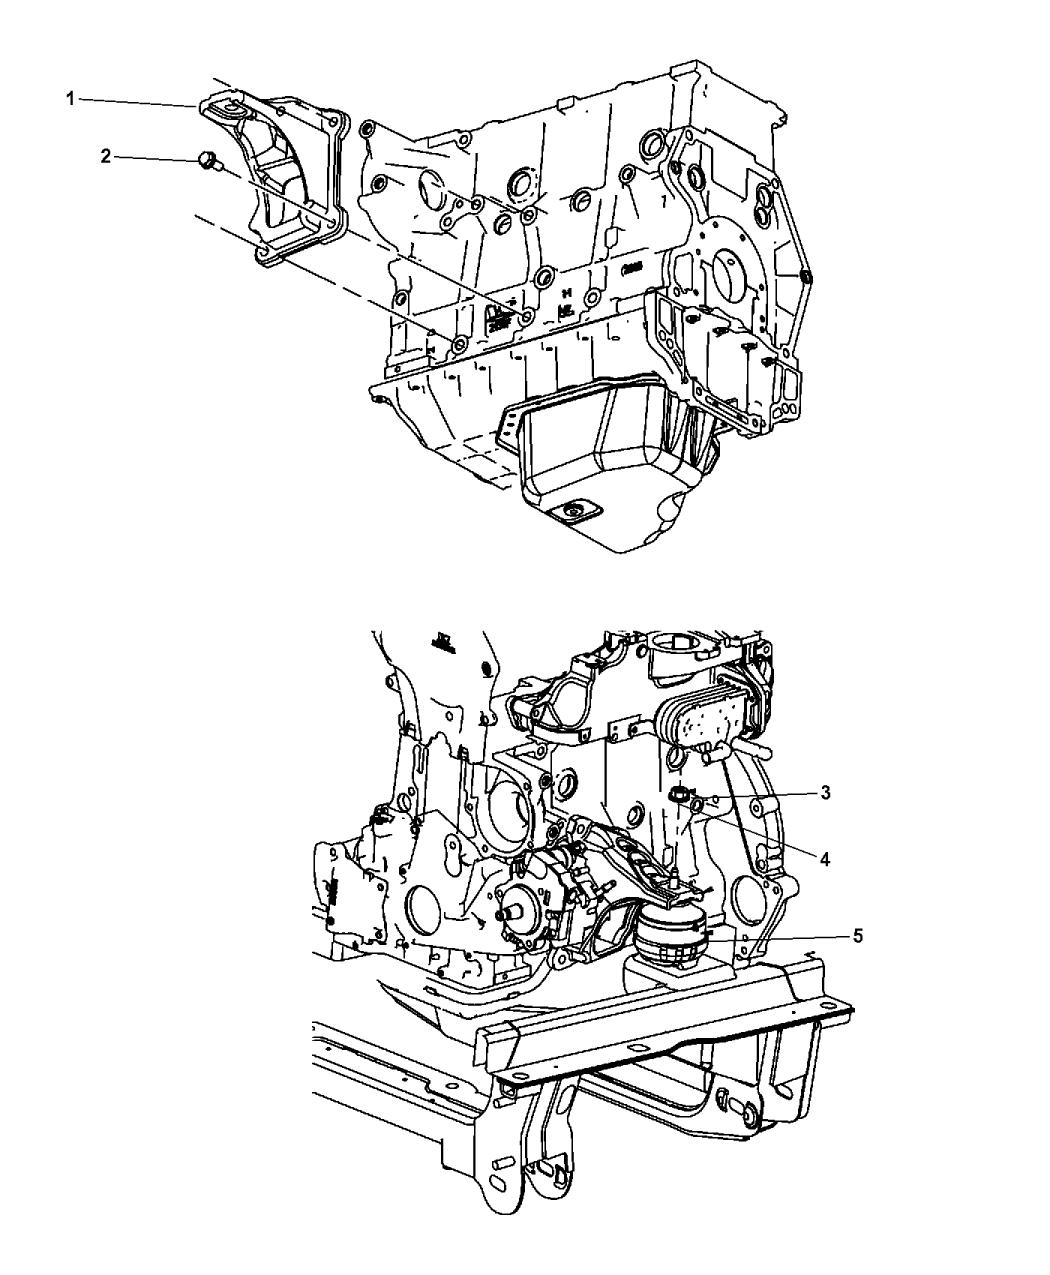 2008 Dodge Nitro Engine Mounting - Thumbnail 4